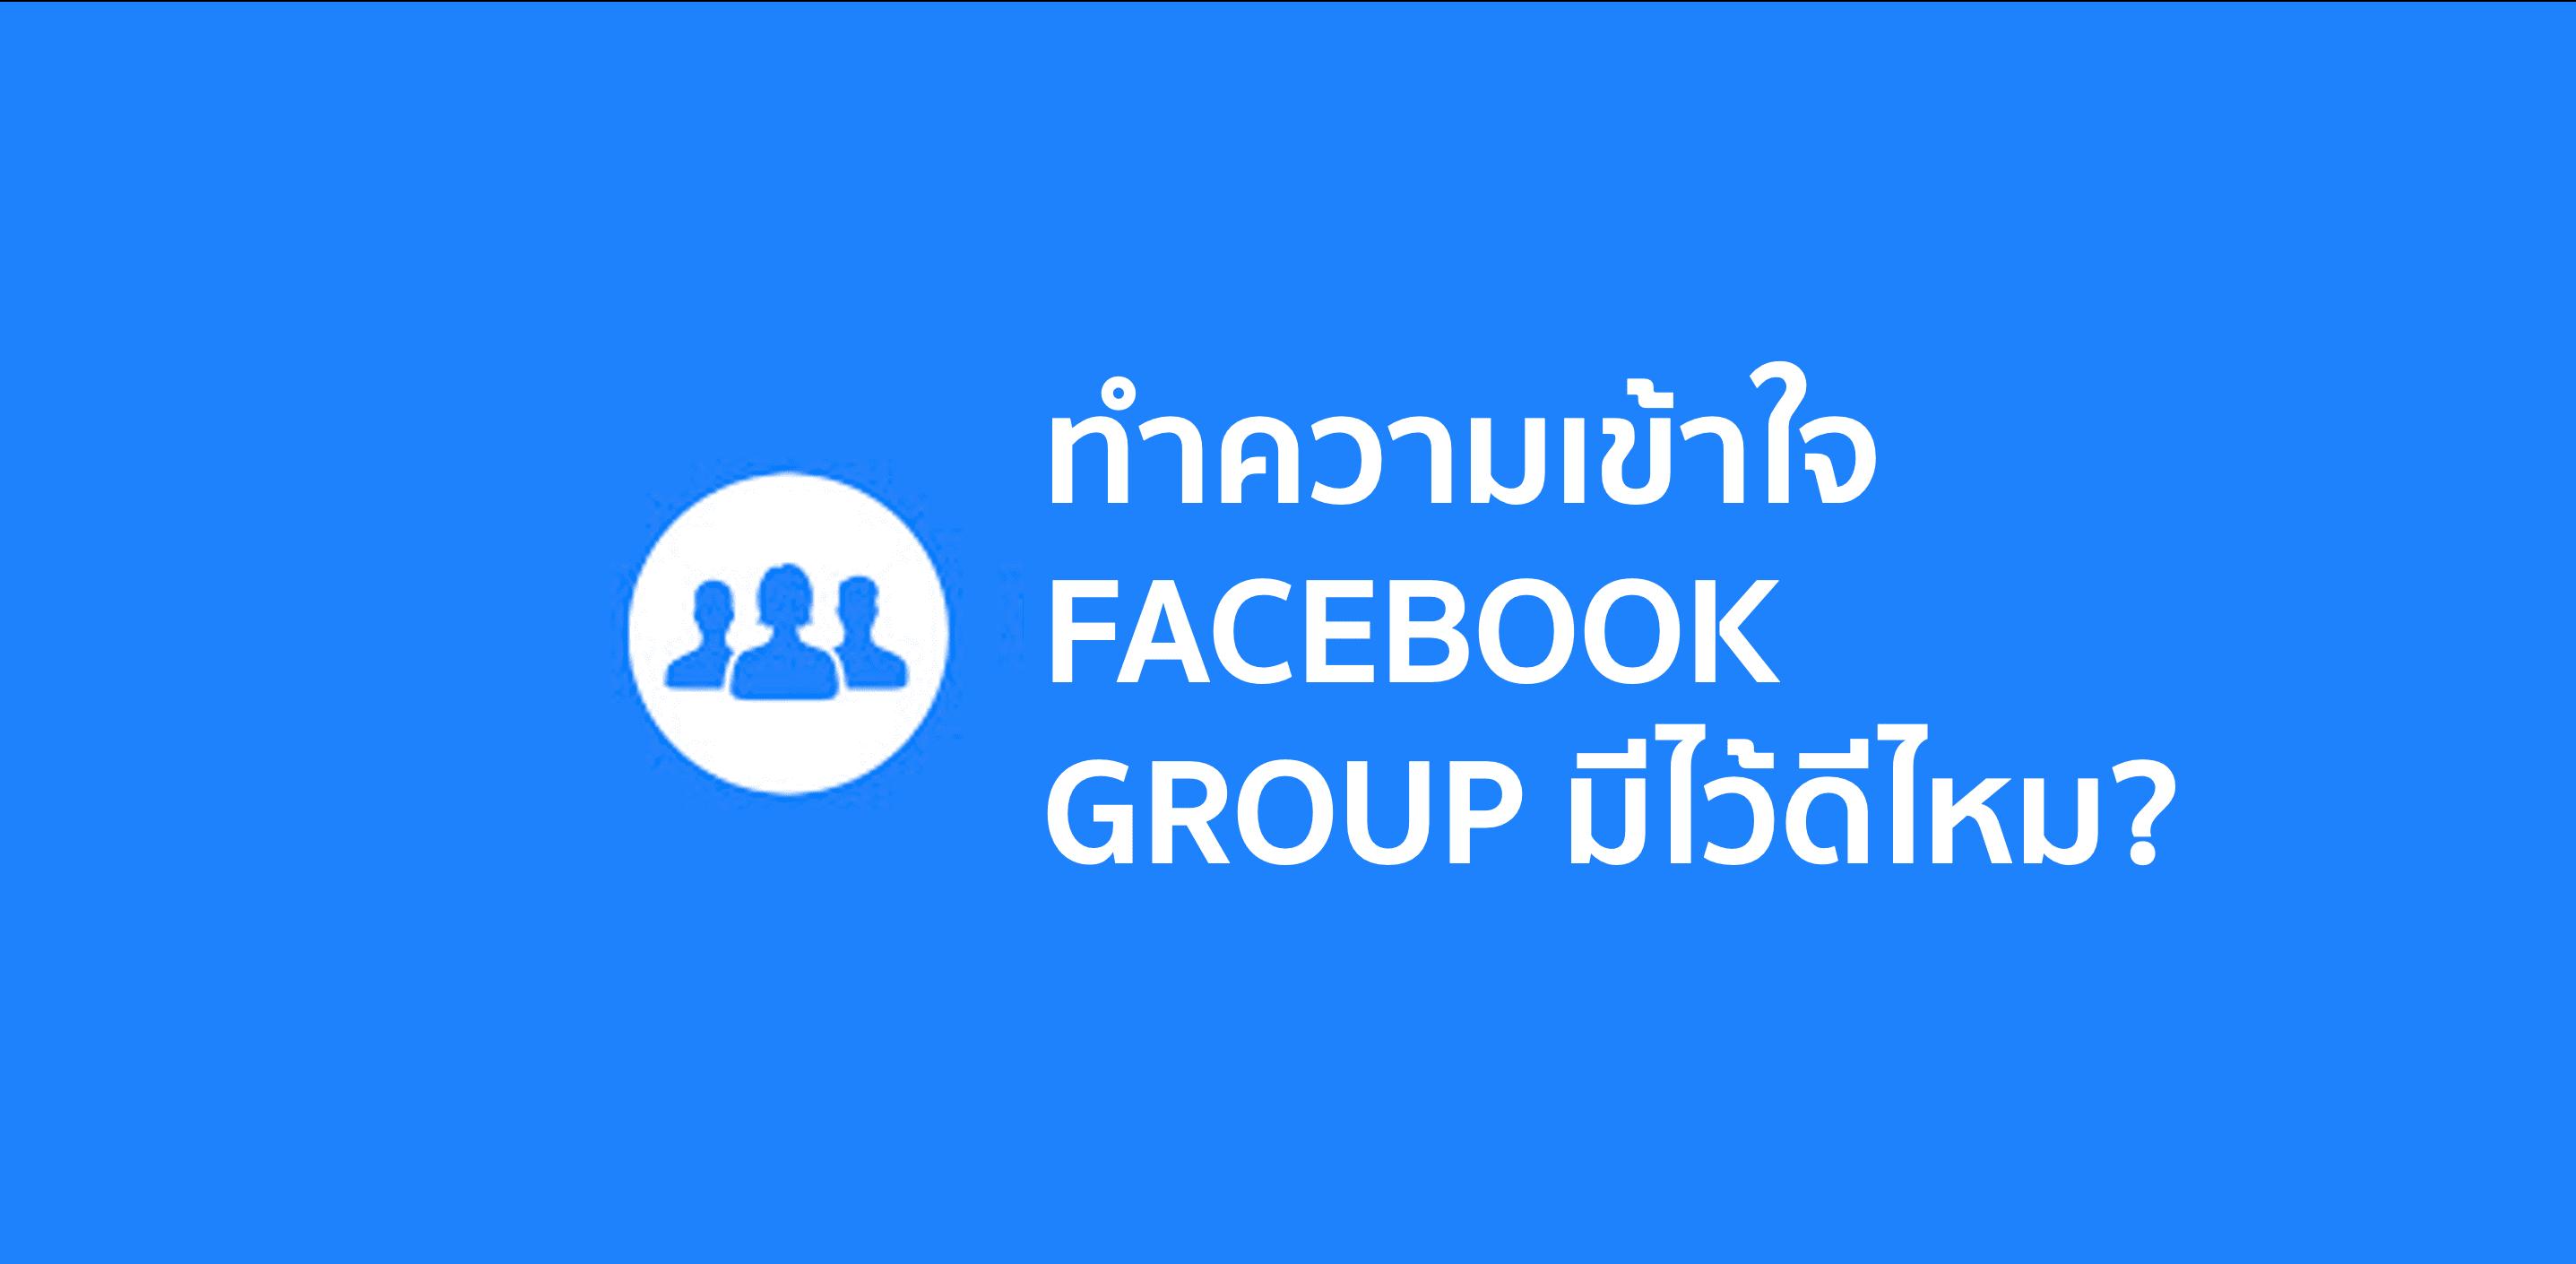 Facebook Group สร้างไปทำไม? แล้วใช้ยังไงดีสุด?